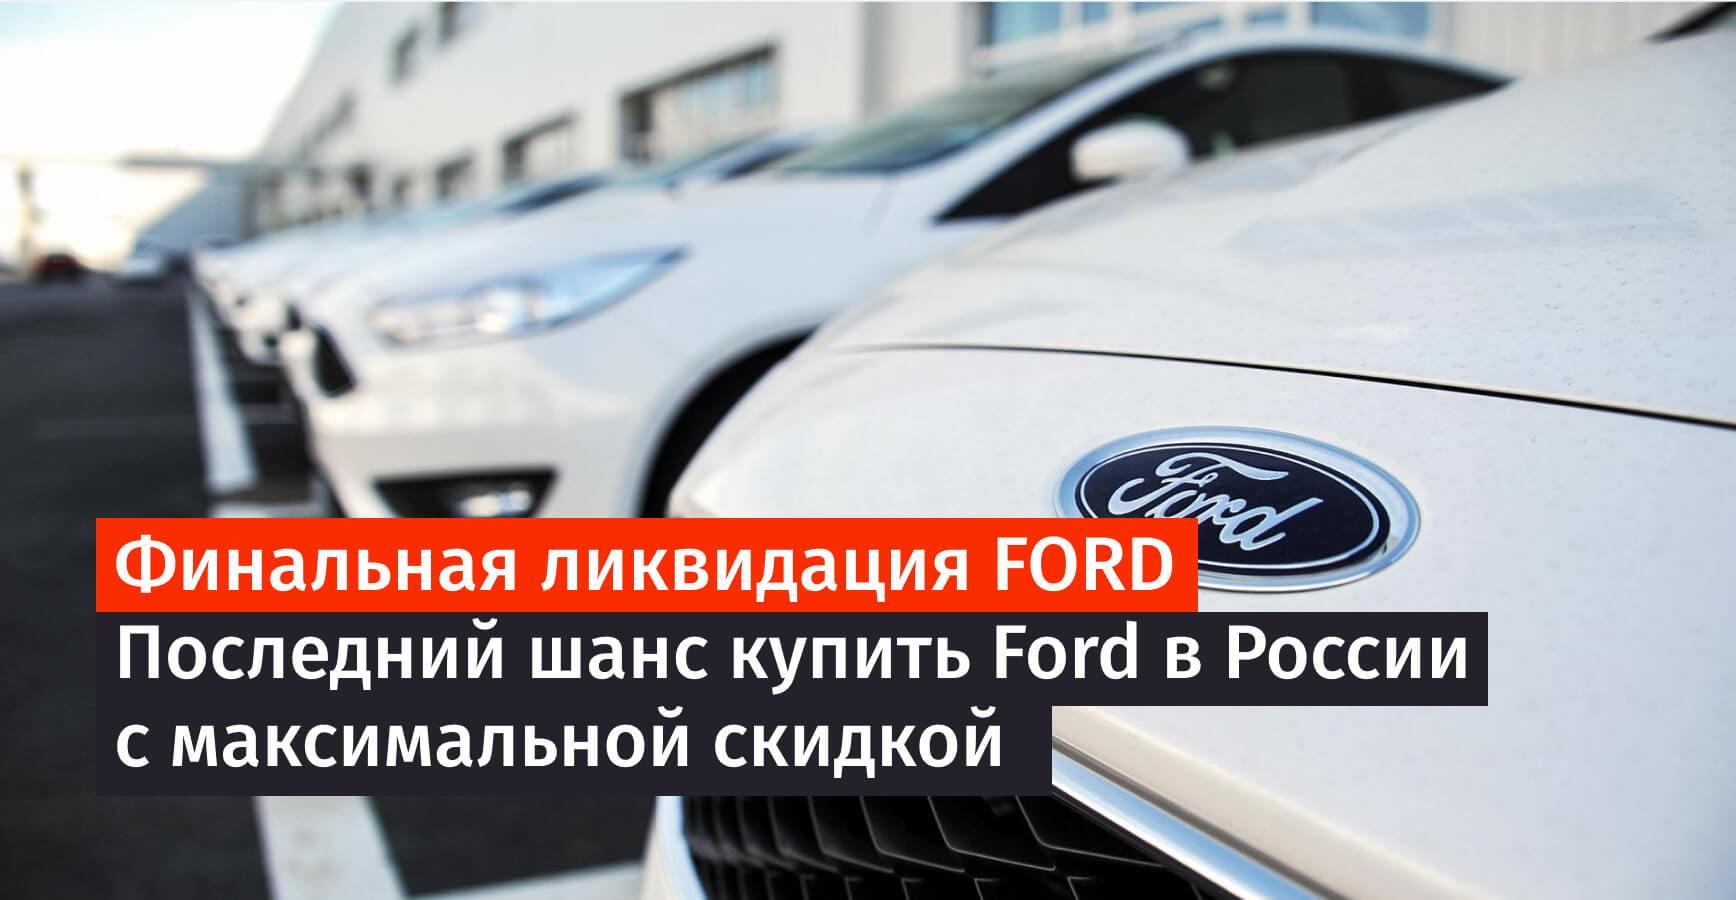 likvidaciya-sklada-am-ford-s-horoshey-skidkoy-do-31-avgusta